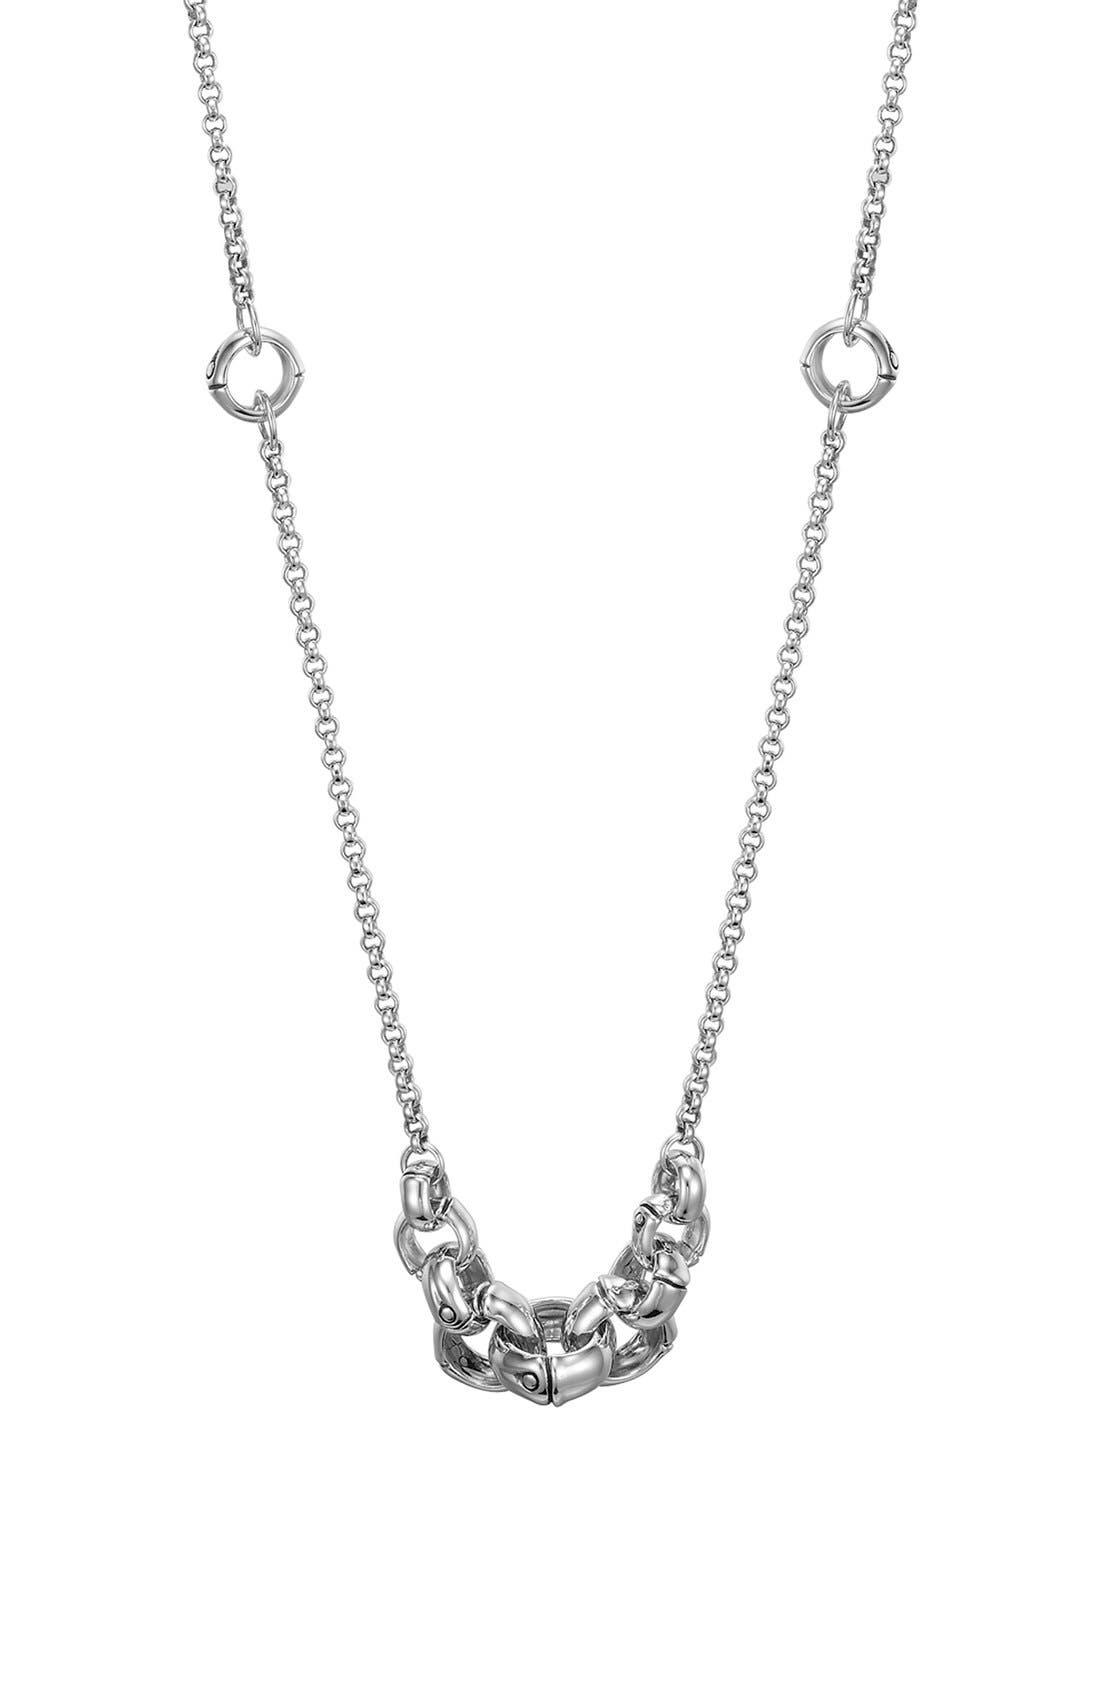 Main Image - John Hardy 'Bamboo' Sautoir Necklace